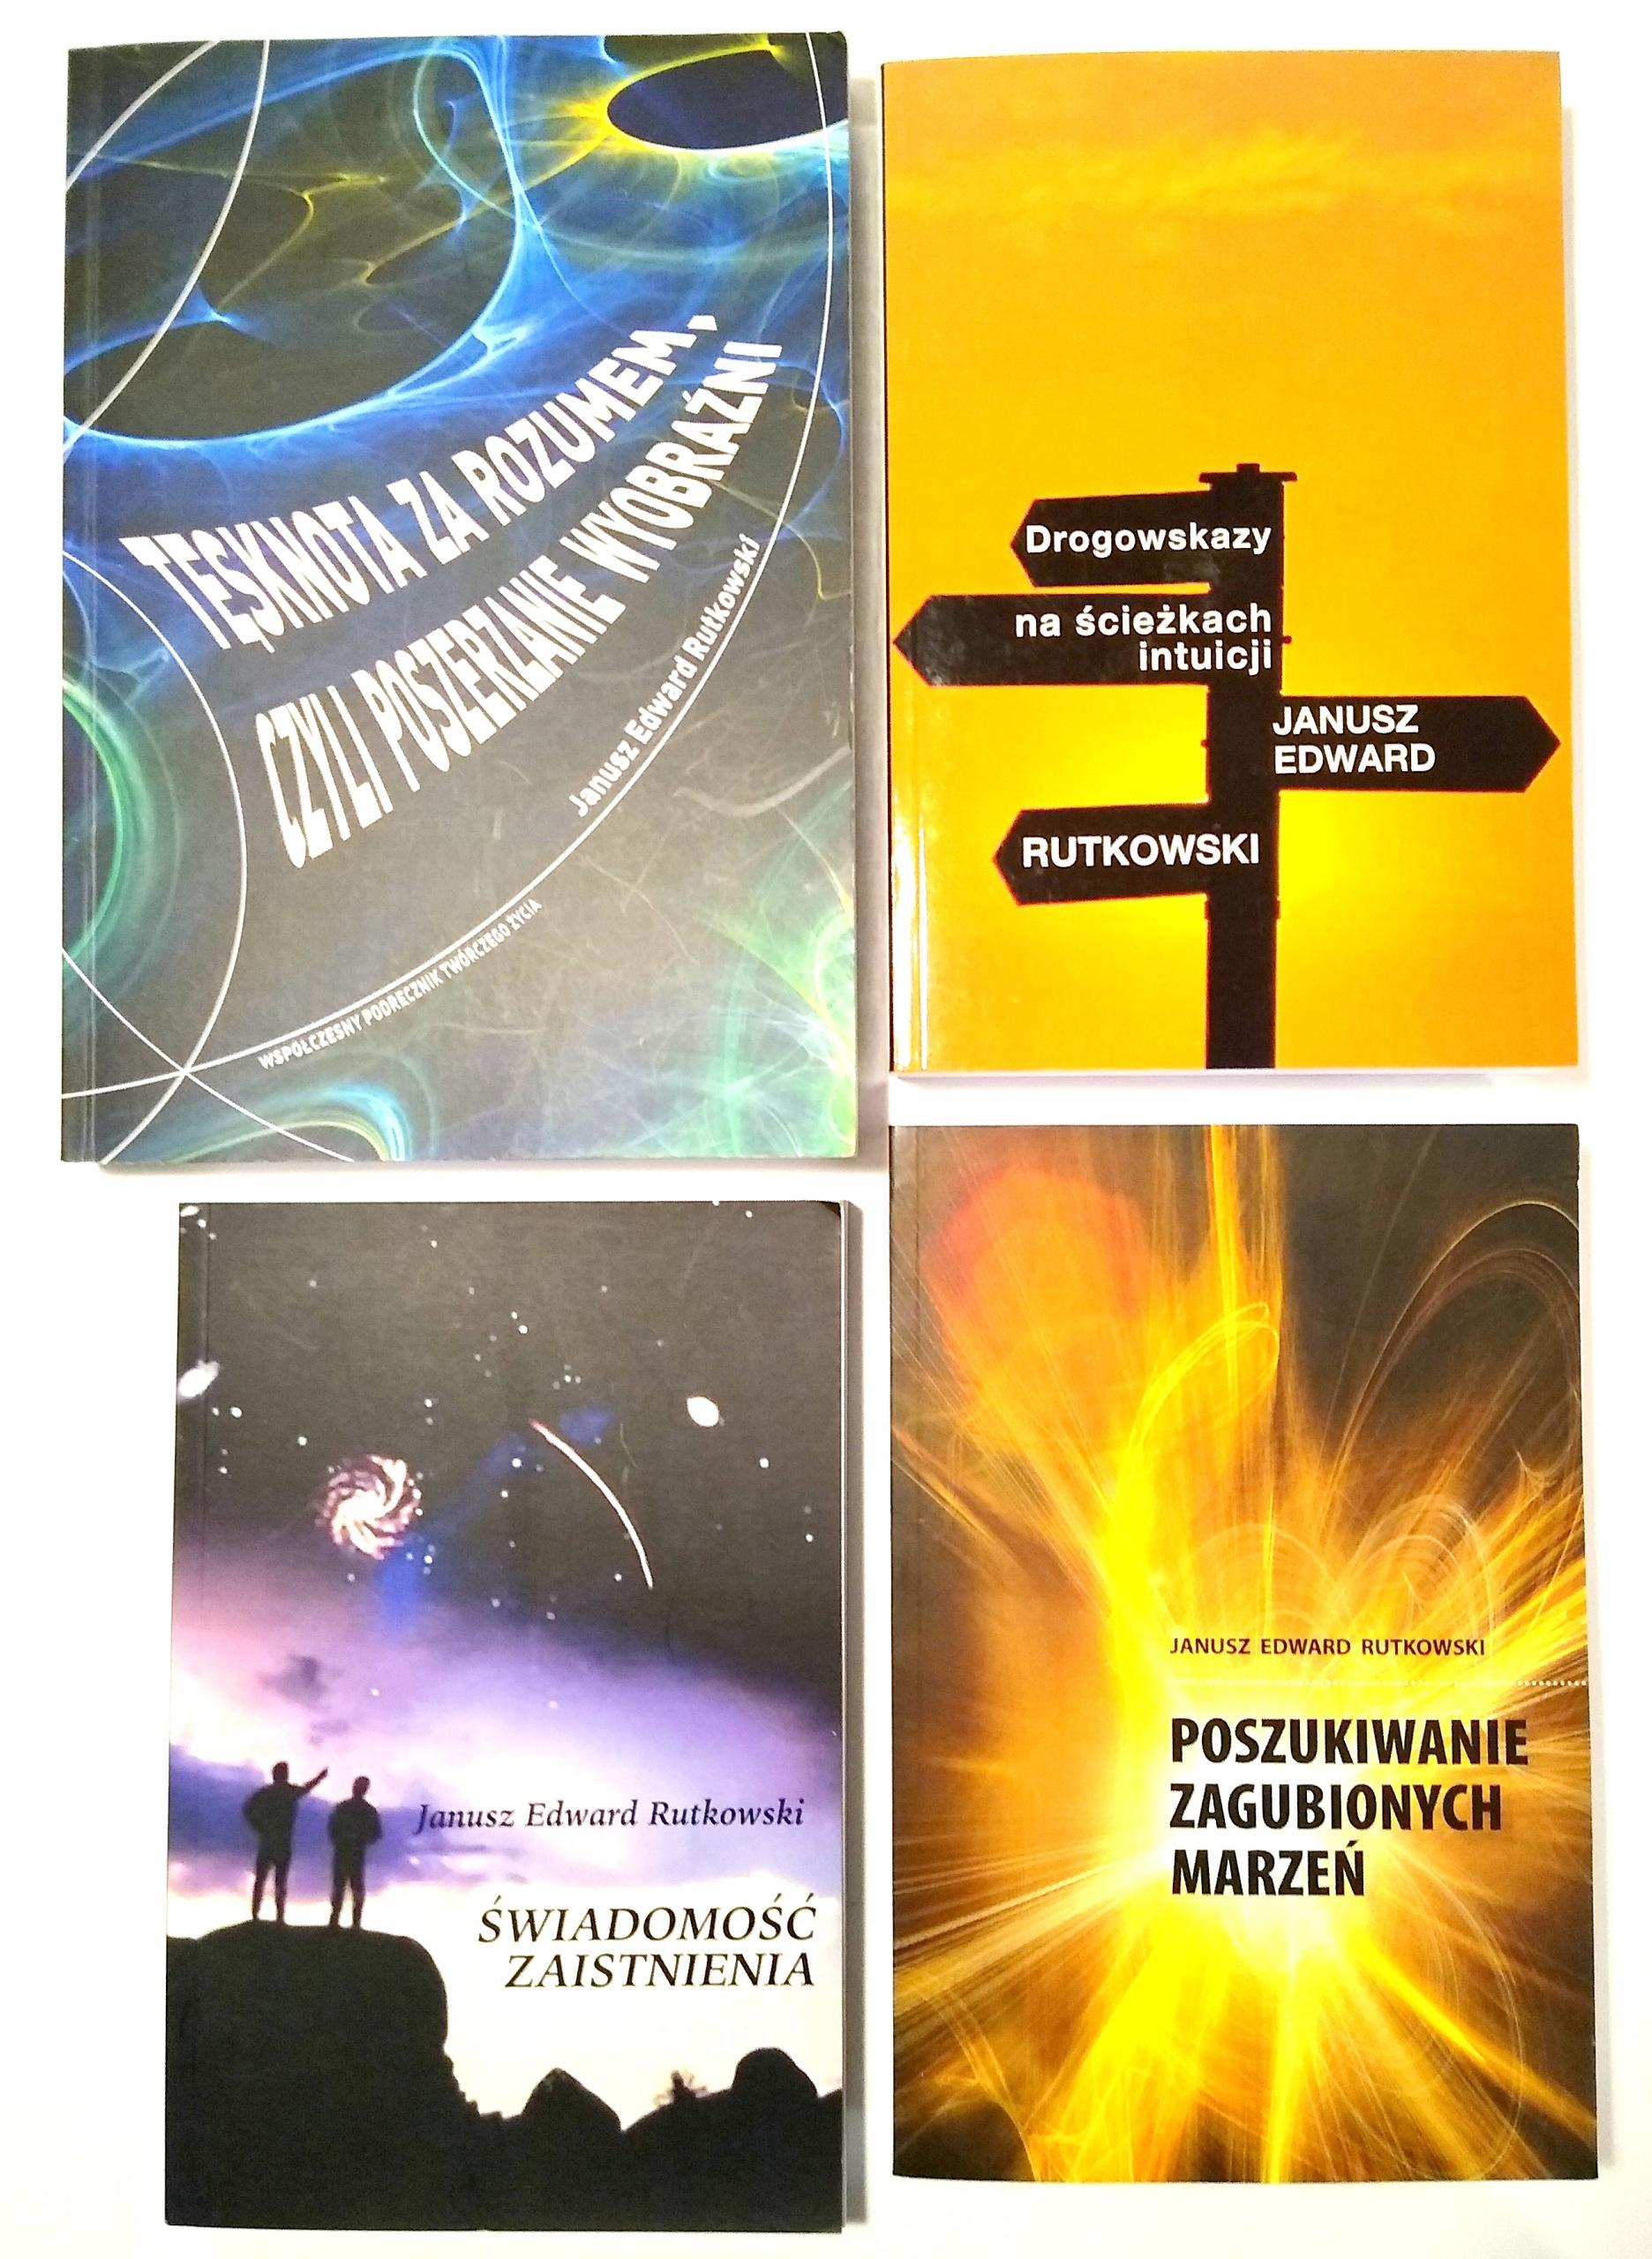 Janusz Edward Rutkowski - Zestaw 4 książek